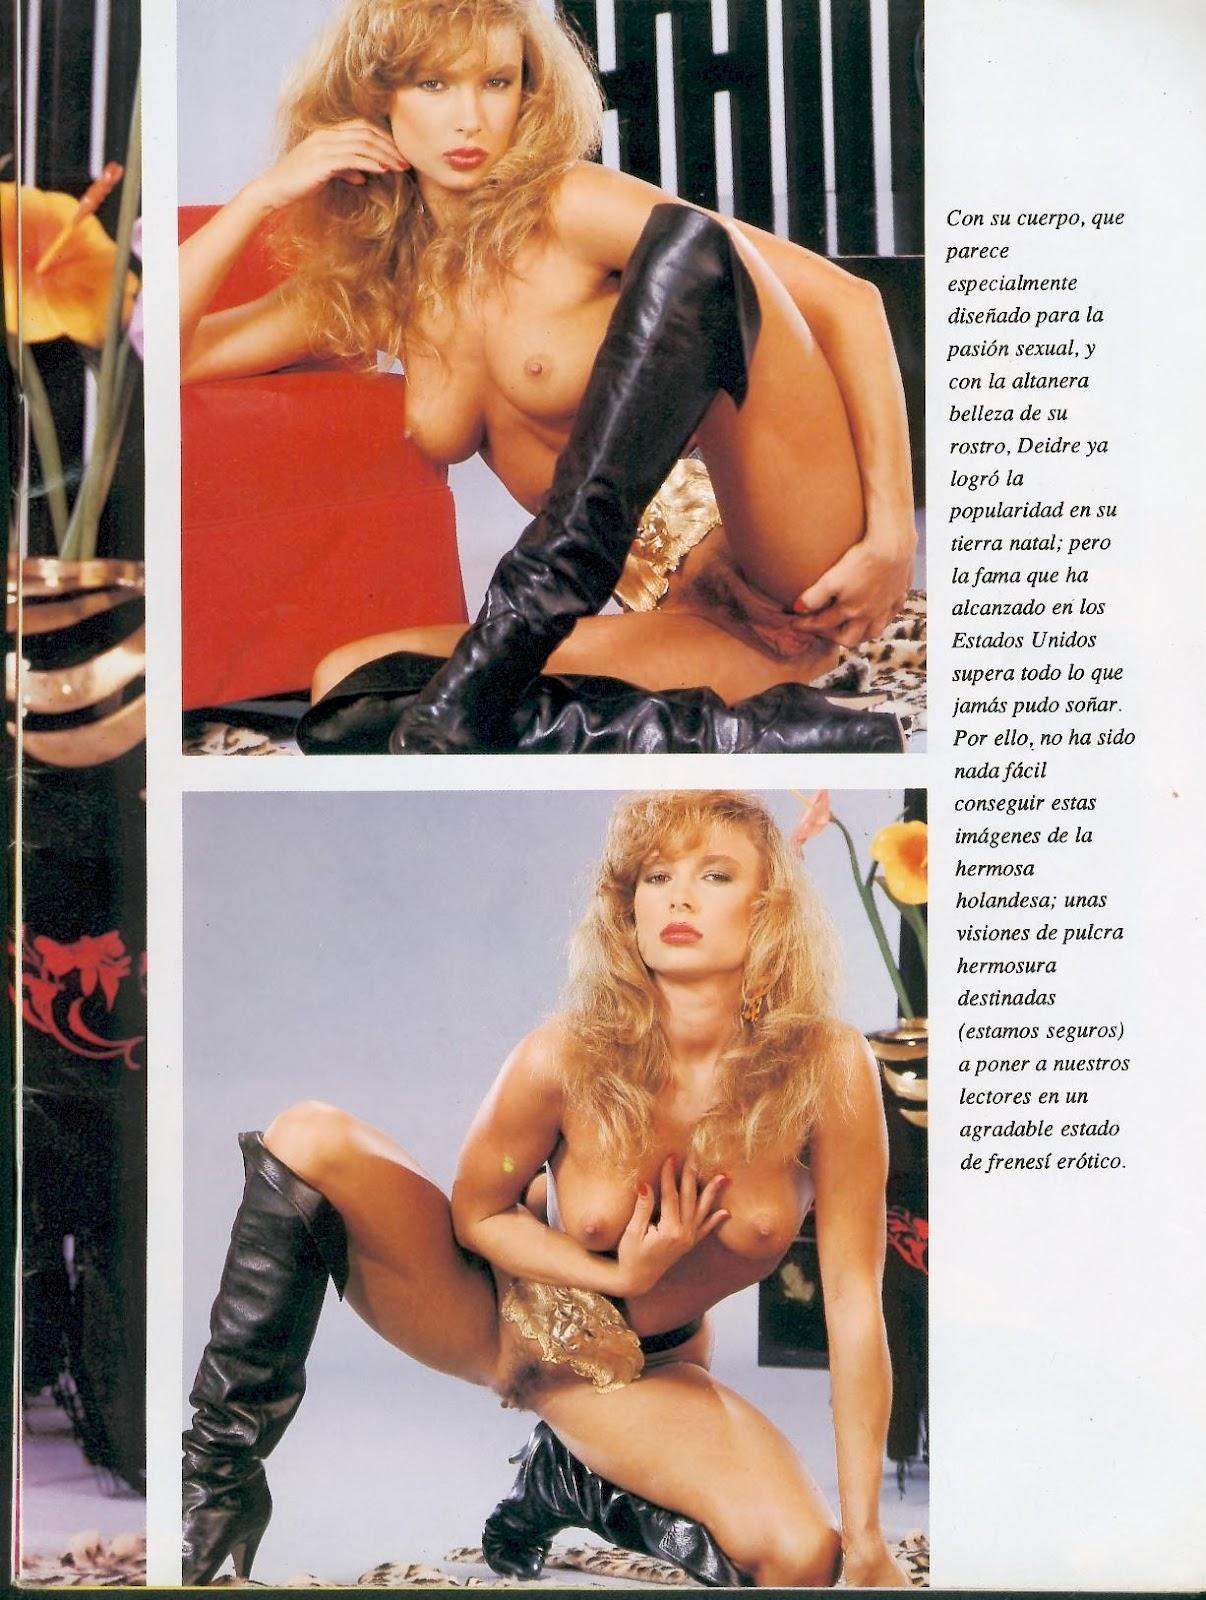 Смотреть порно deidre holland 23 фотография